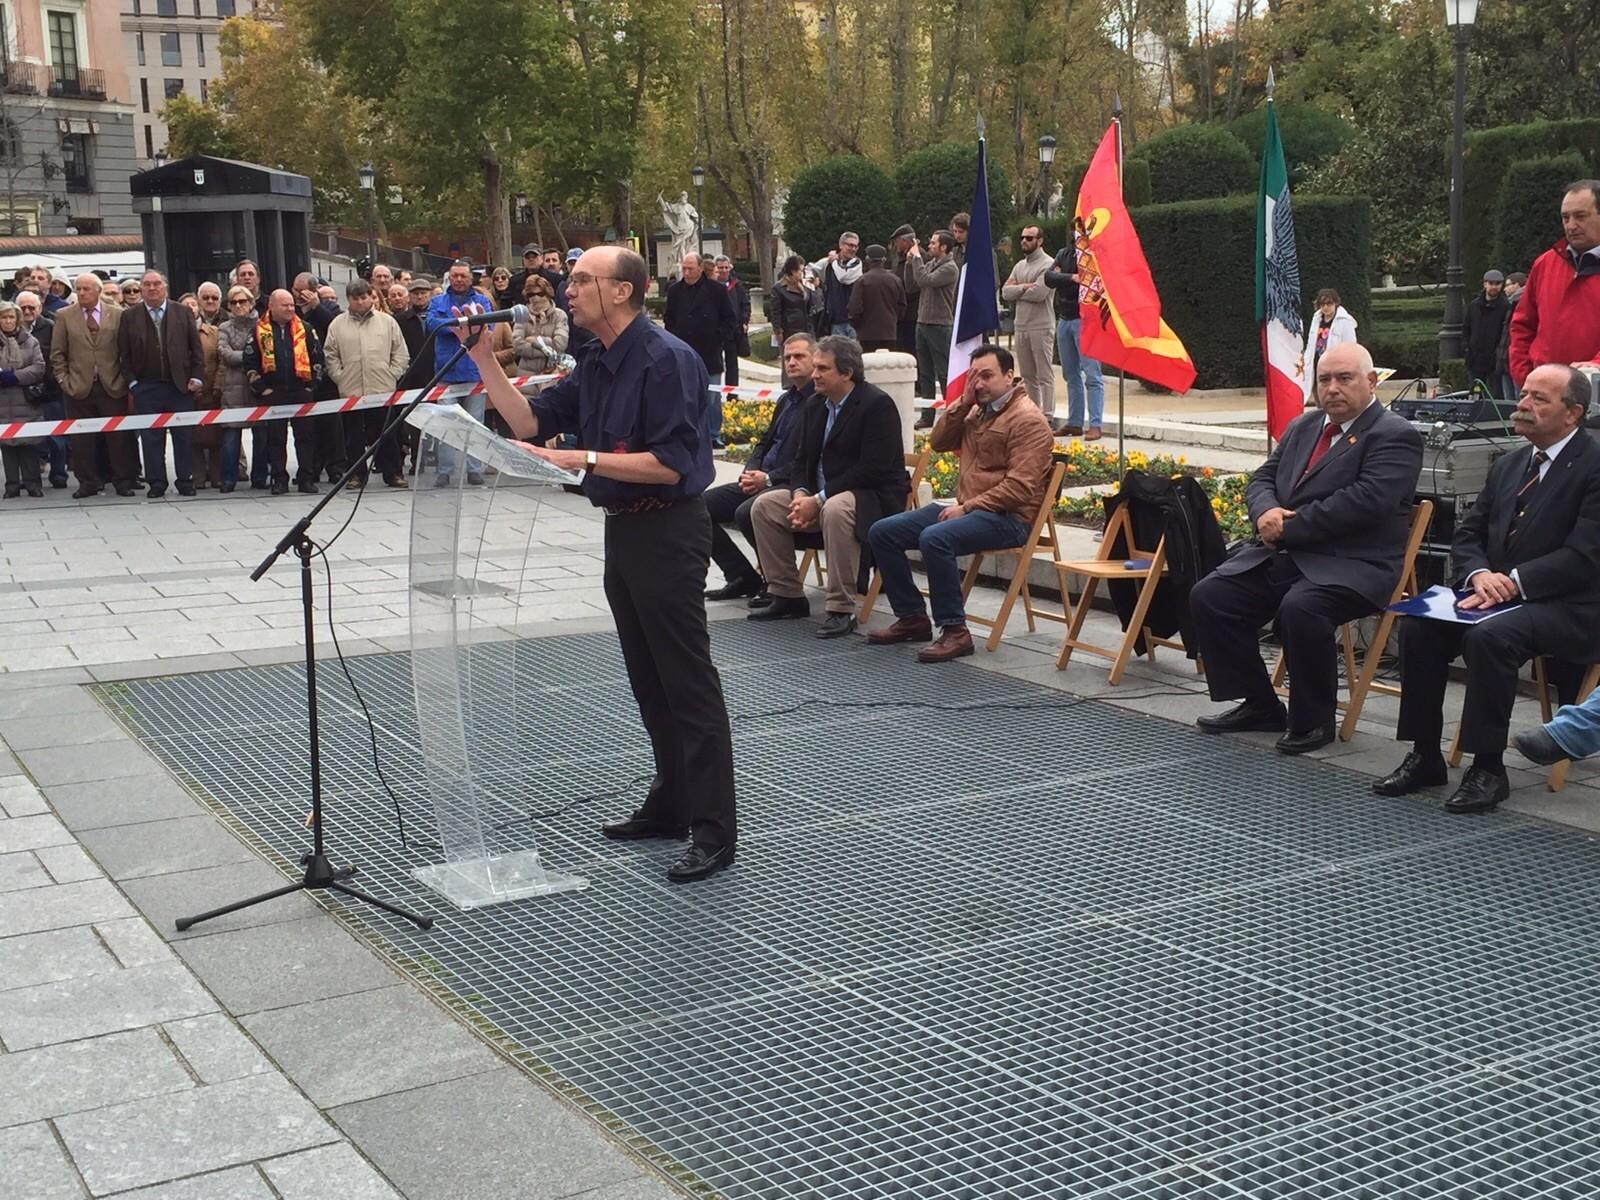 Discurso de Félix Salmerón, Secretario Nacional de Asuntos Jurídicos de La Falange, el pasado 22N en la Plaza de Oriente